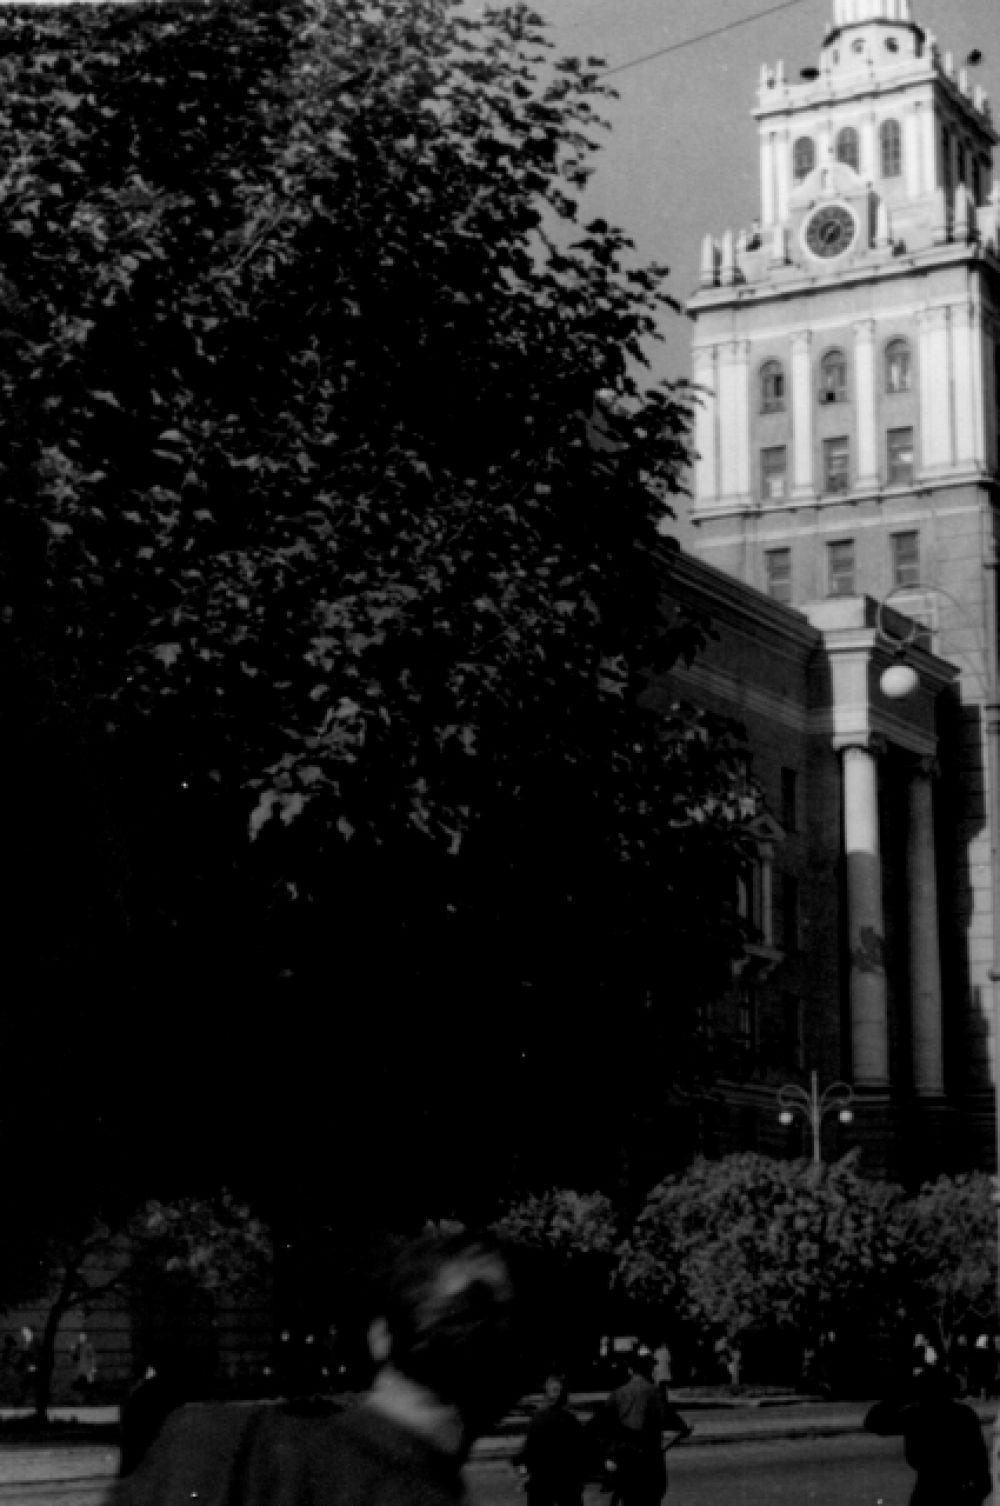 Здание ЮВЖД по-прежнему одно из самых красивых в городе.